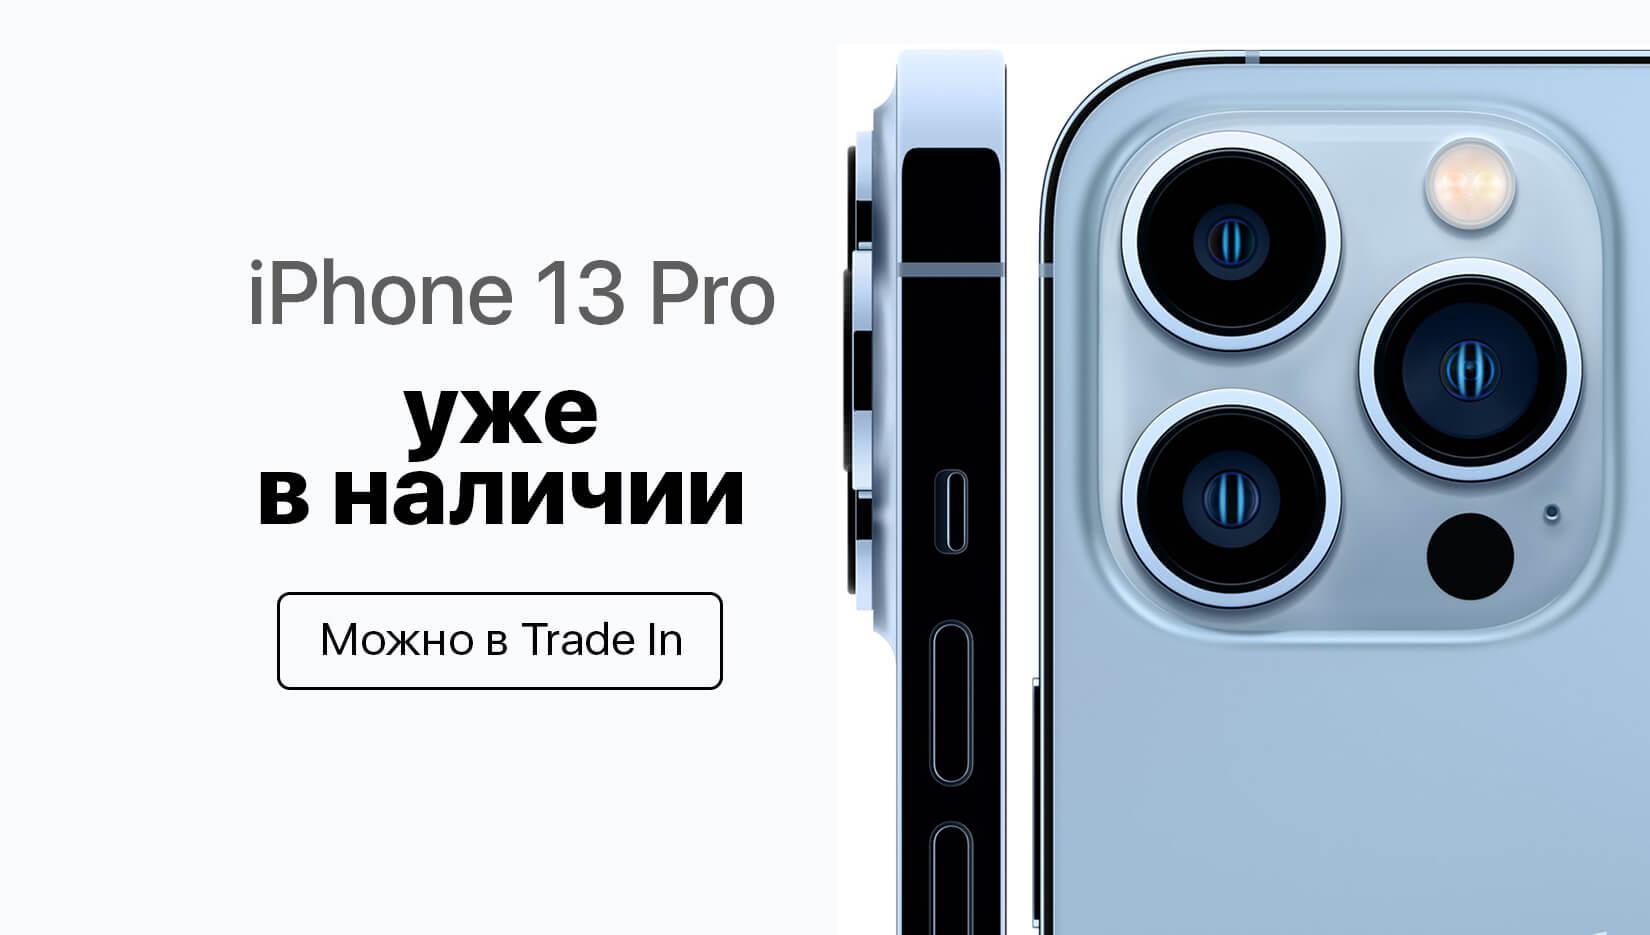 Купить iPhone 13 Pro